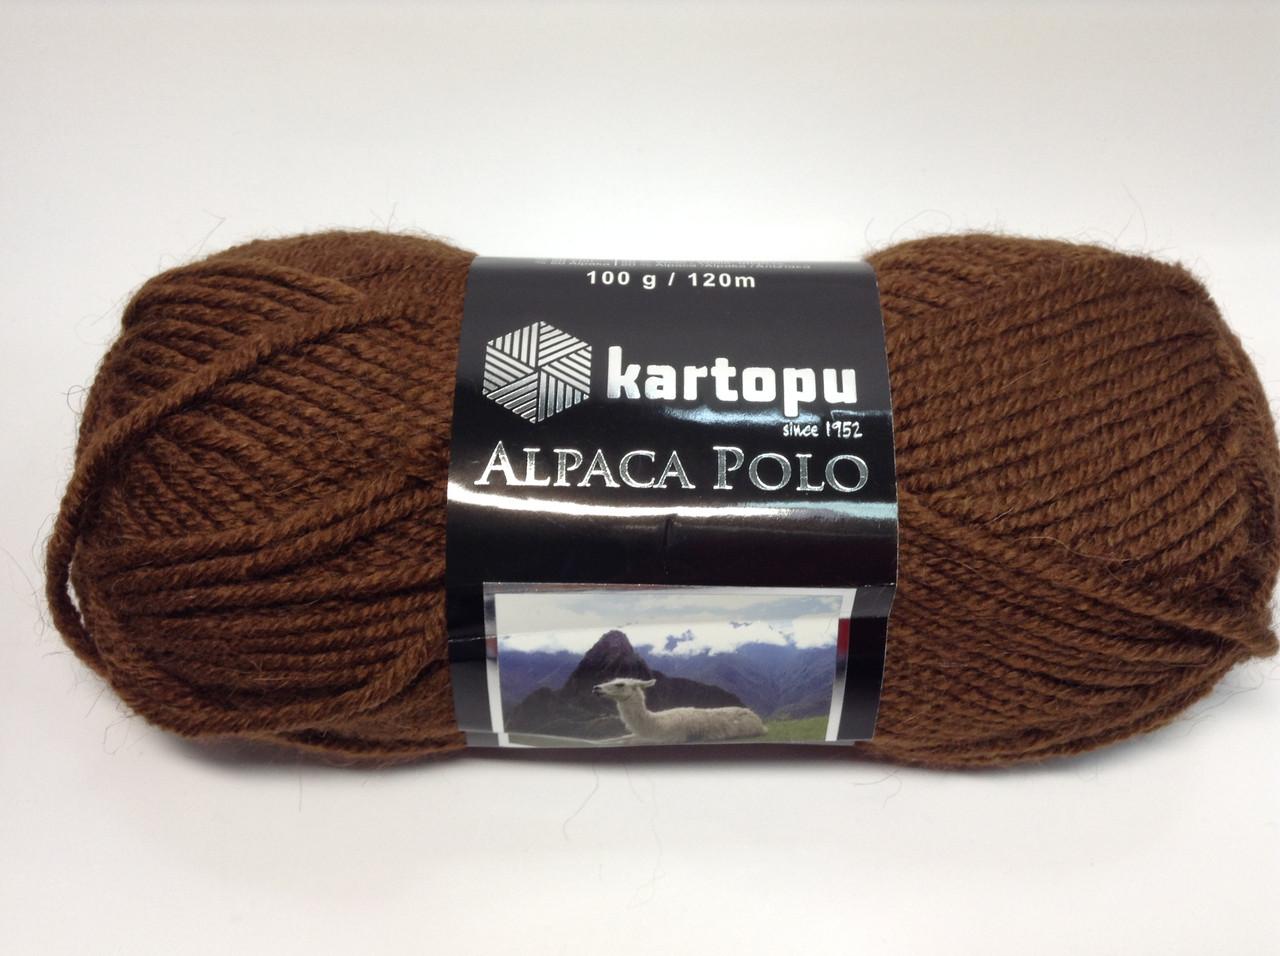 Пряжа alpaca polo - колір коричневий